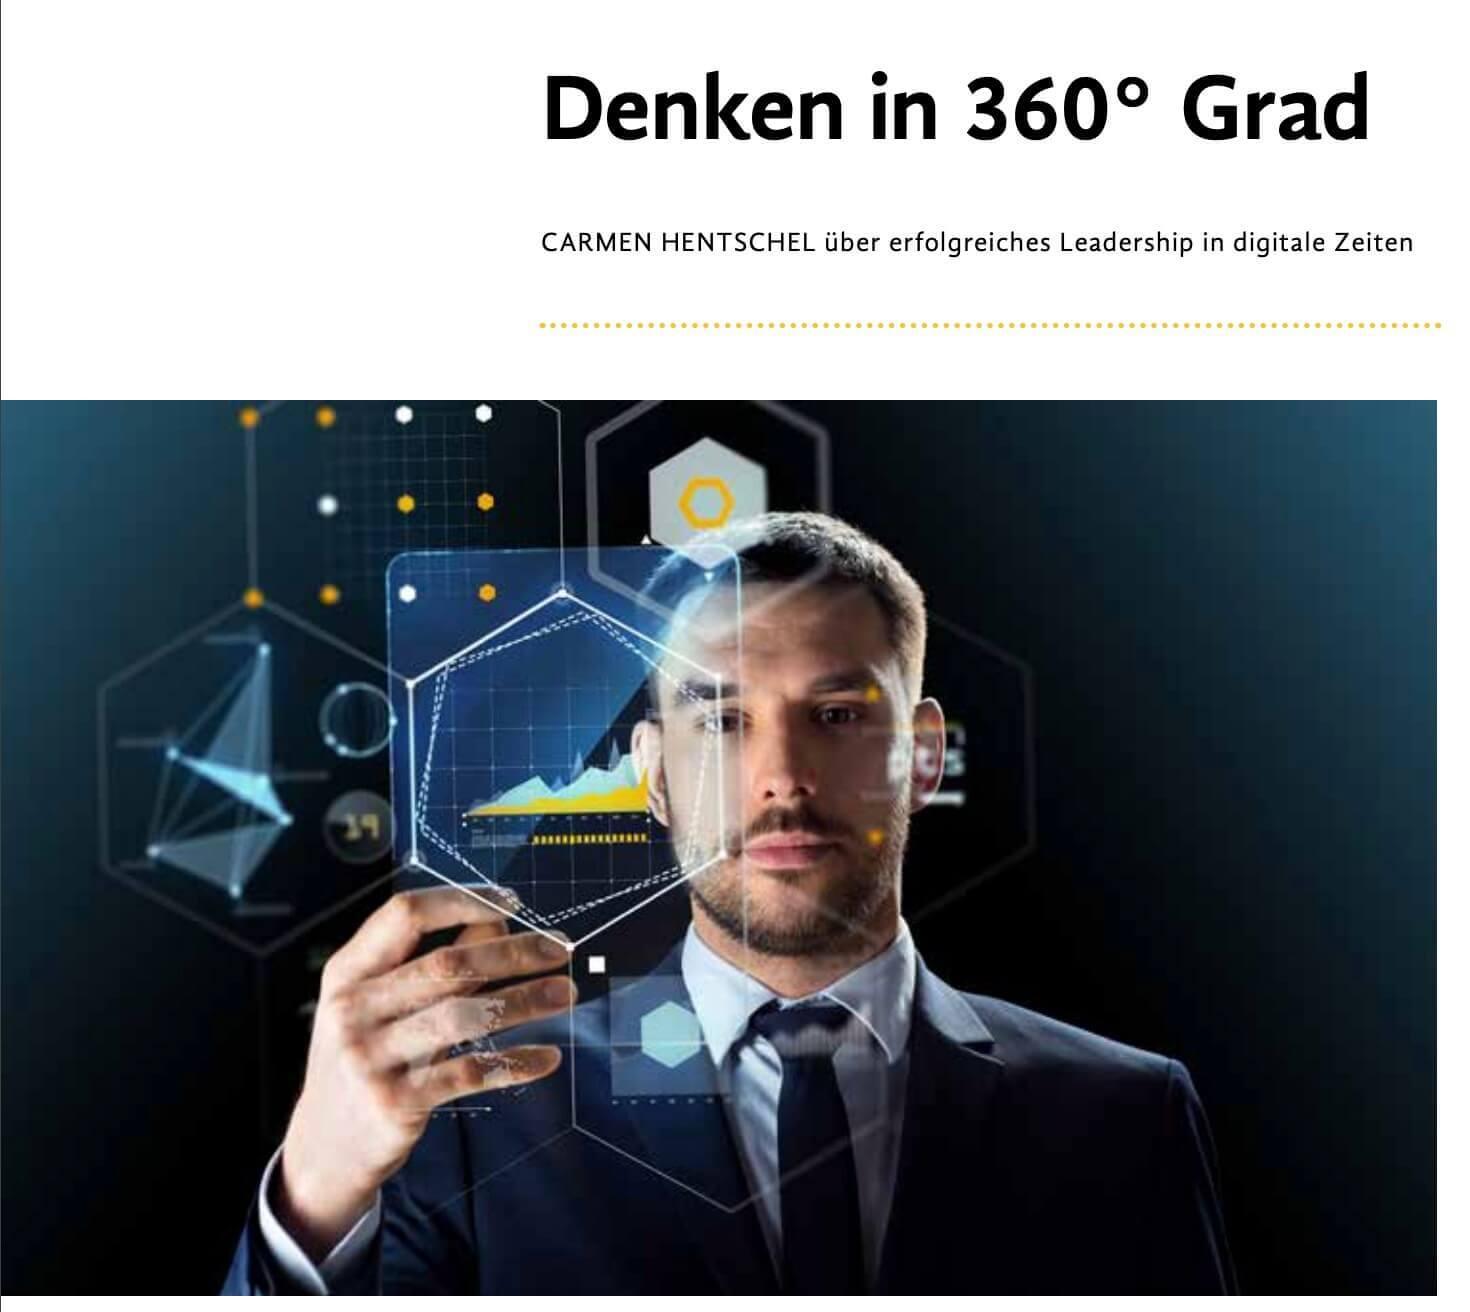 Artikel von der Moderatorin und Speakerin Digitalisierung über Denken in 360 Grad